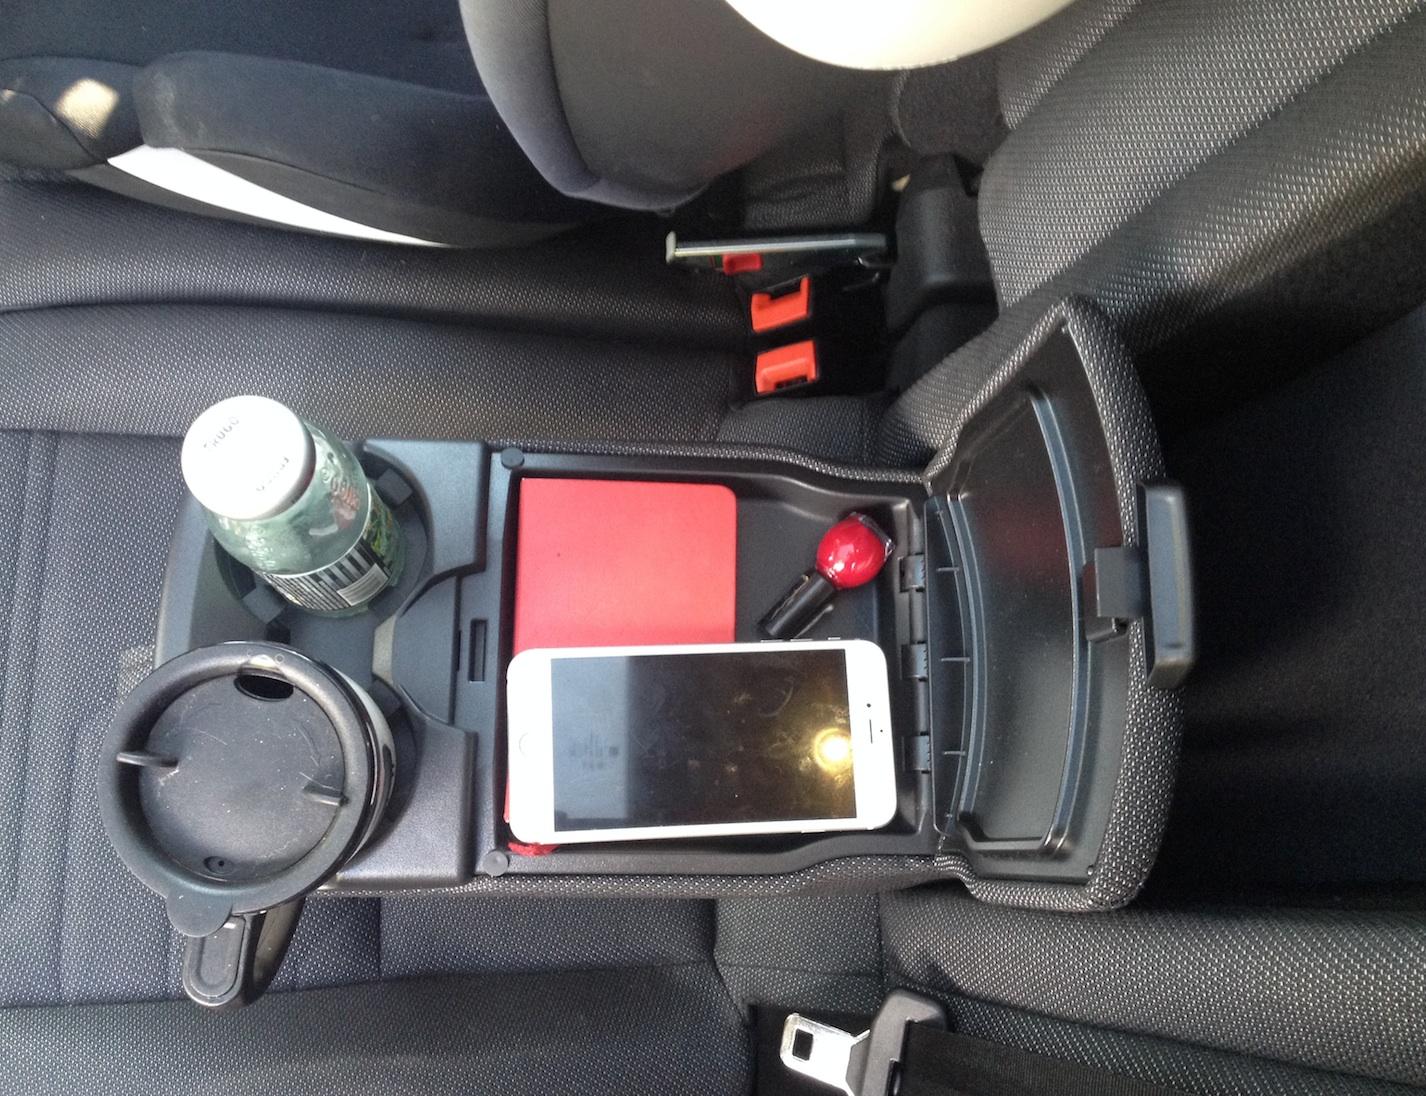 W podłokietniku na tyklnej kanapie Forda Tourneo znajduje się sporych rozmiarów schowek. Są tu i podstawki na napoje i miejsce na przydatne drobiazgi.